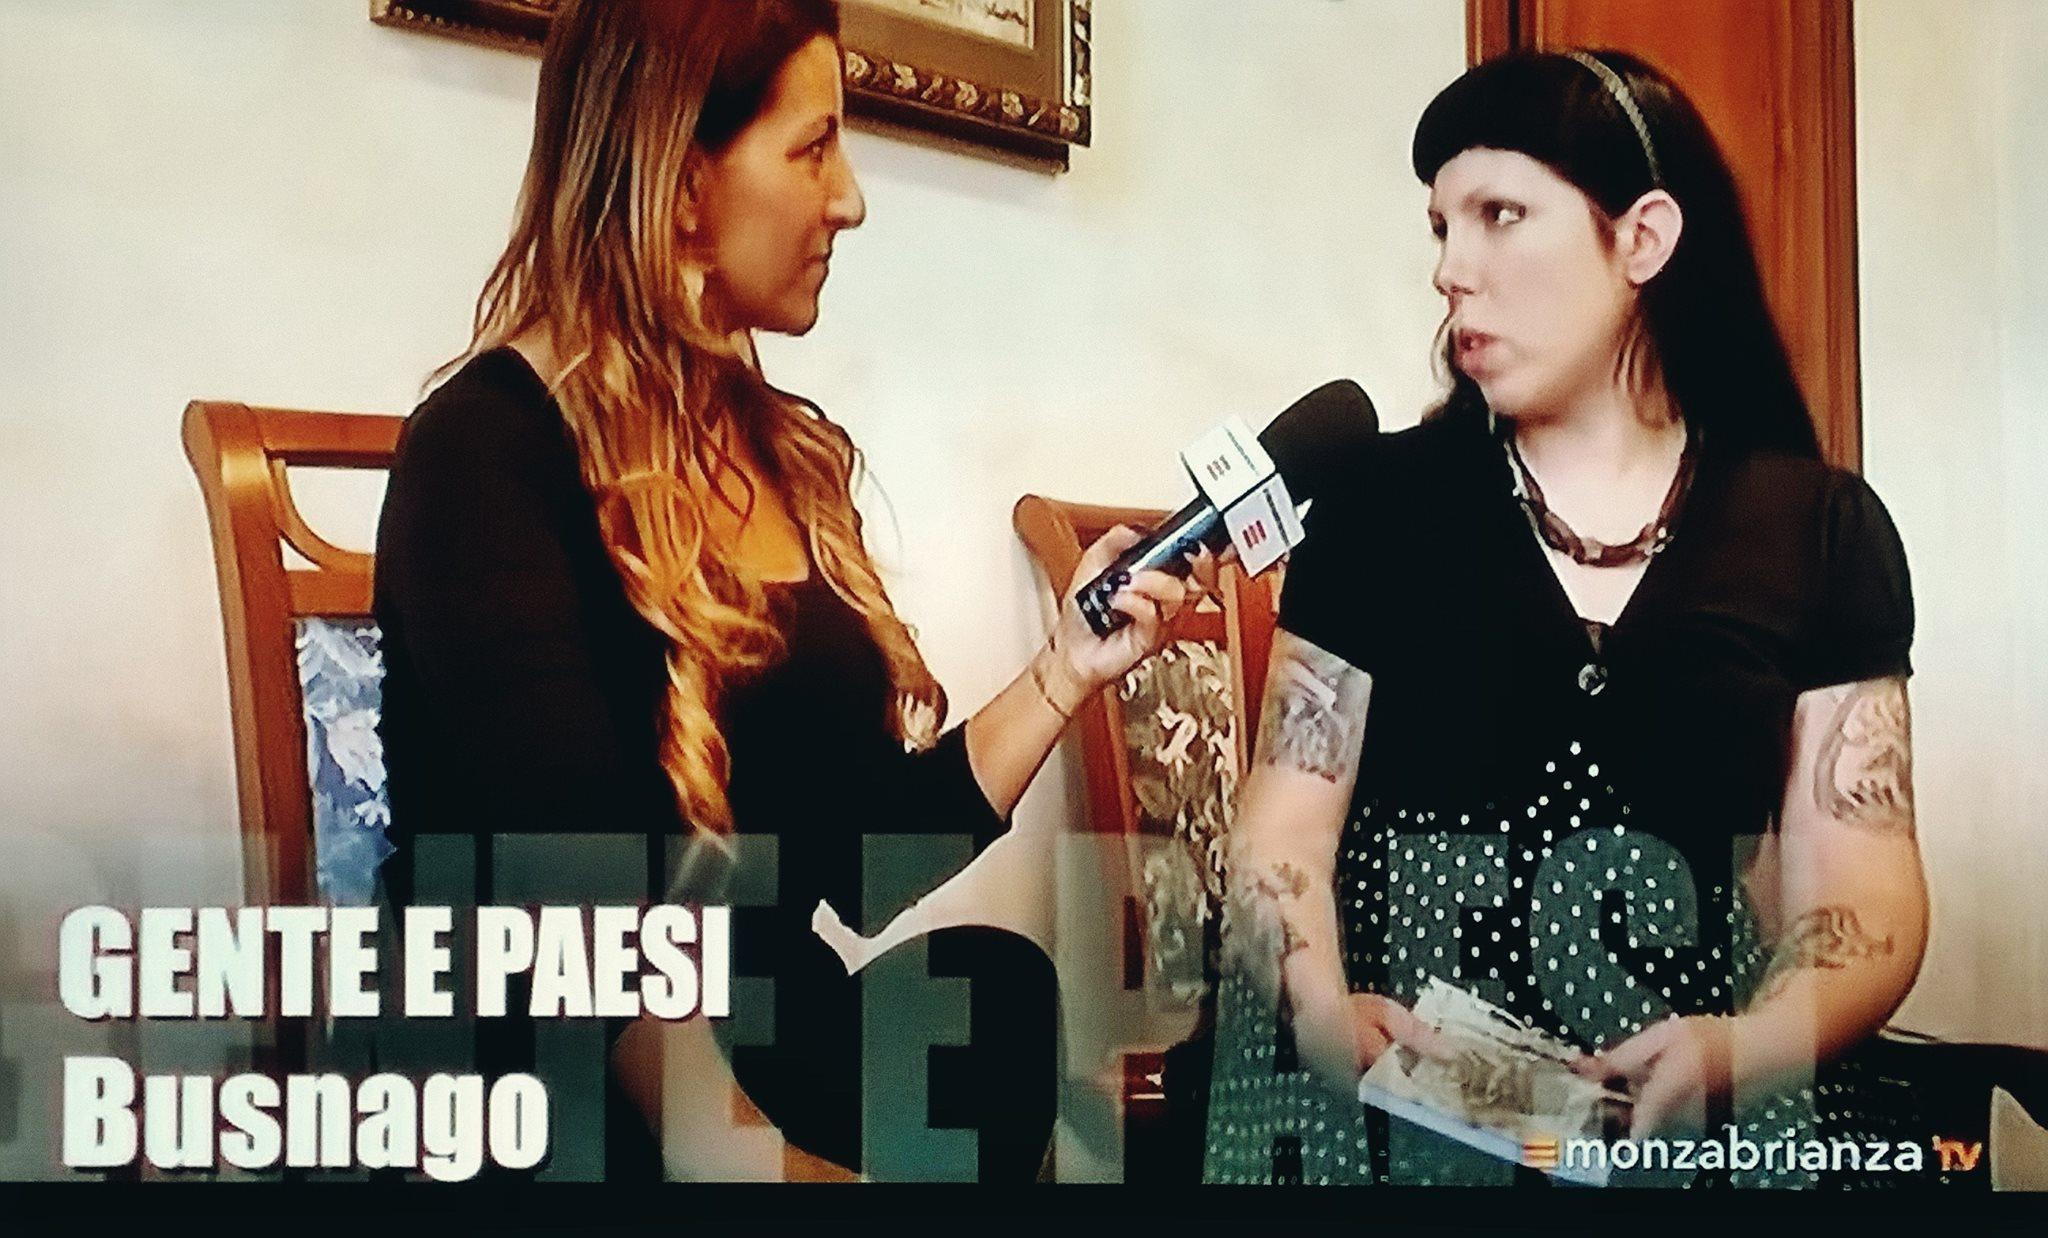 fotografia intervista a Cristina Verderio su monza e brianza tv